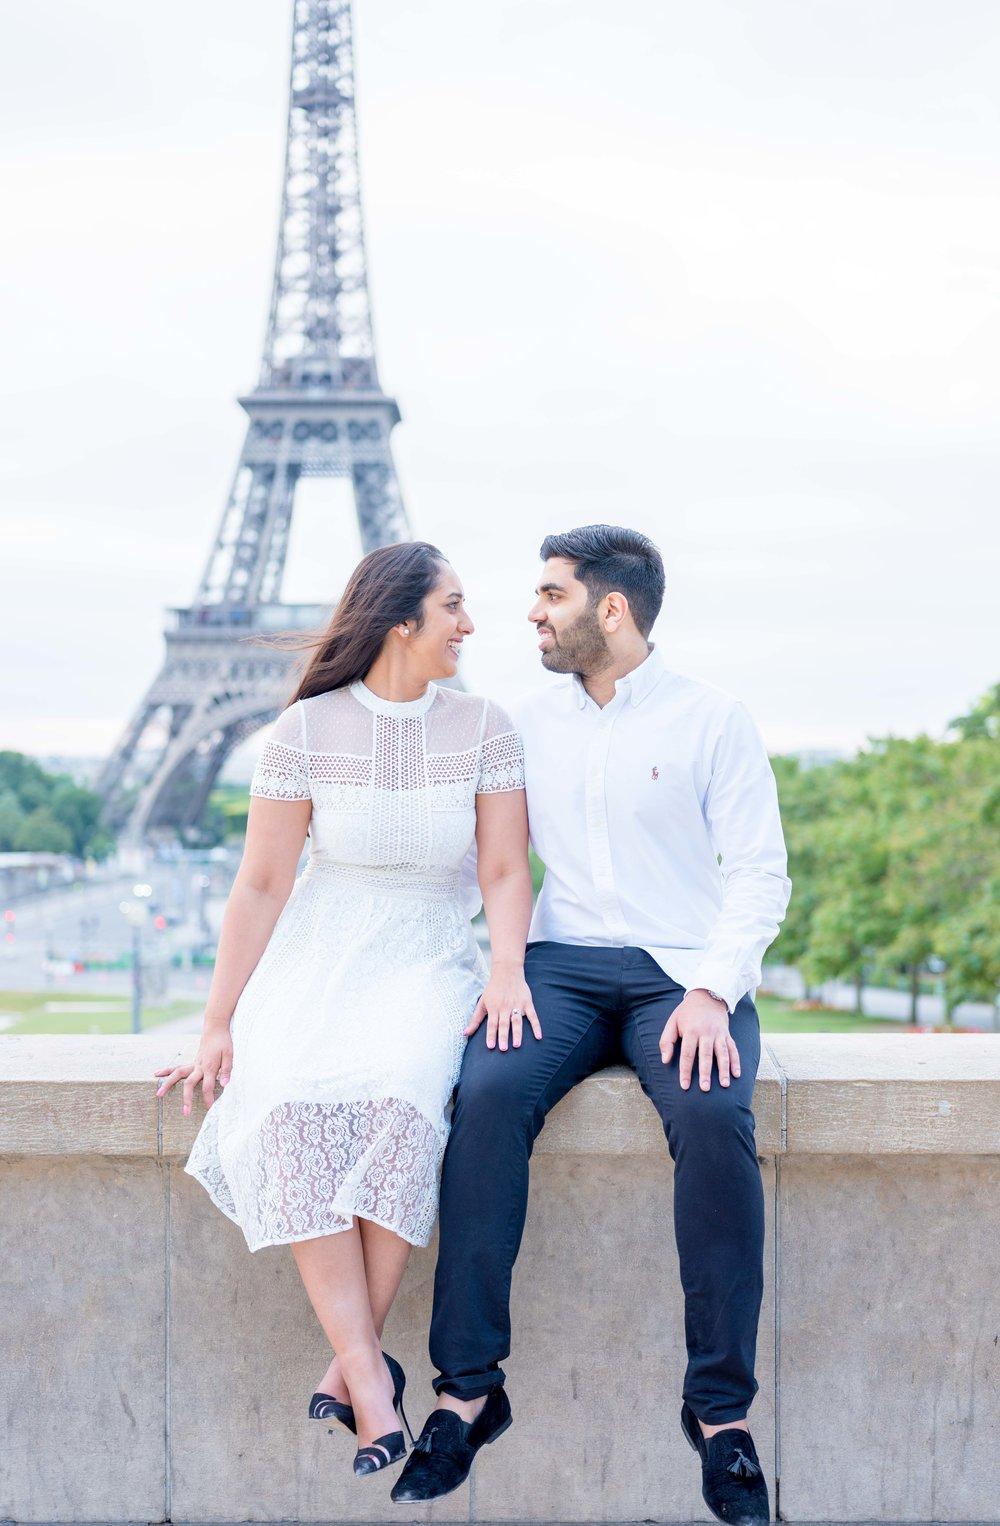 beautiful white themed paris couples photo session picture me paris. Black Bedroom Furniture Sets. Home Design Ideas